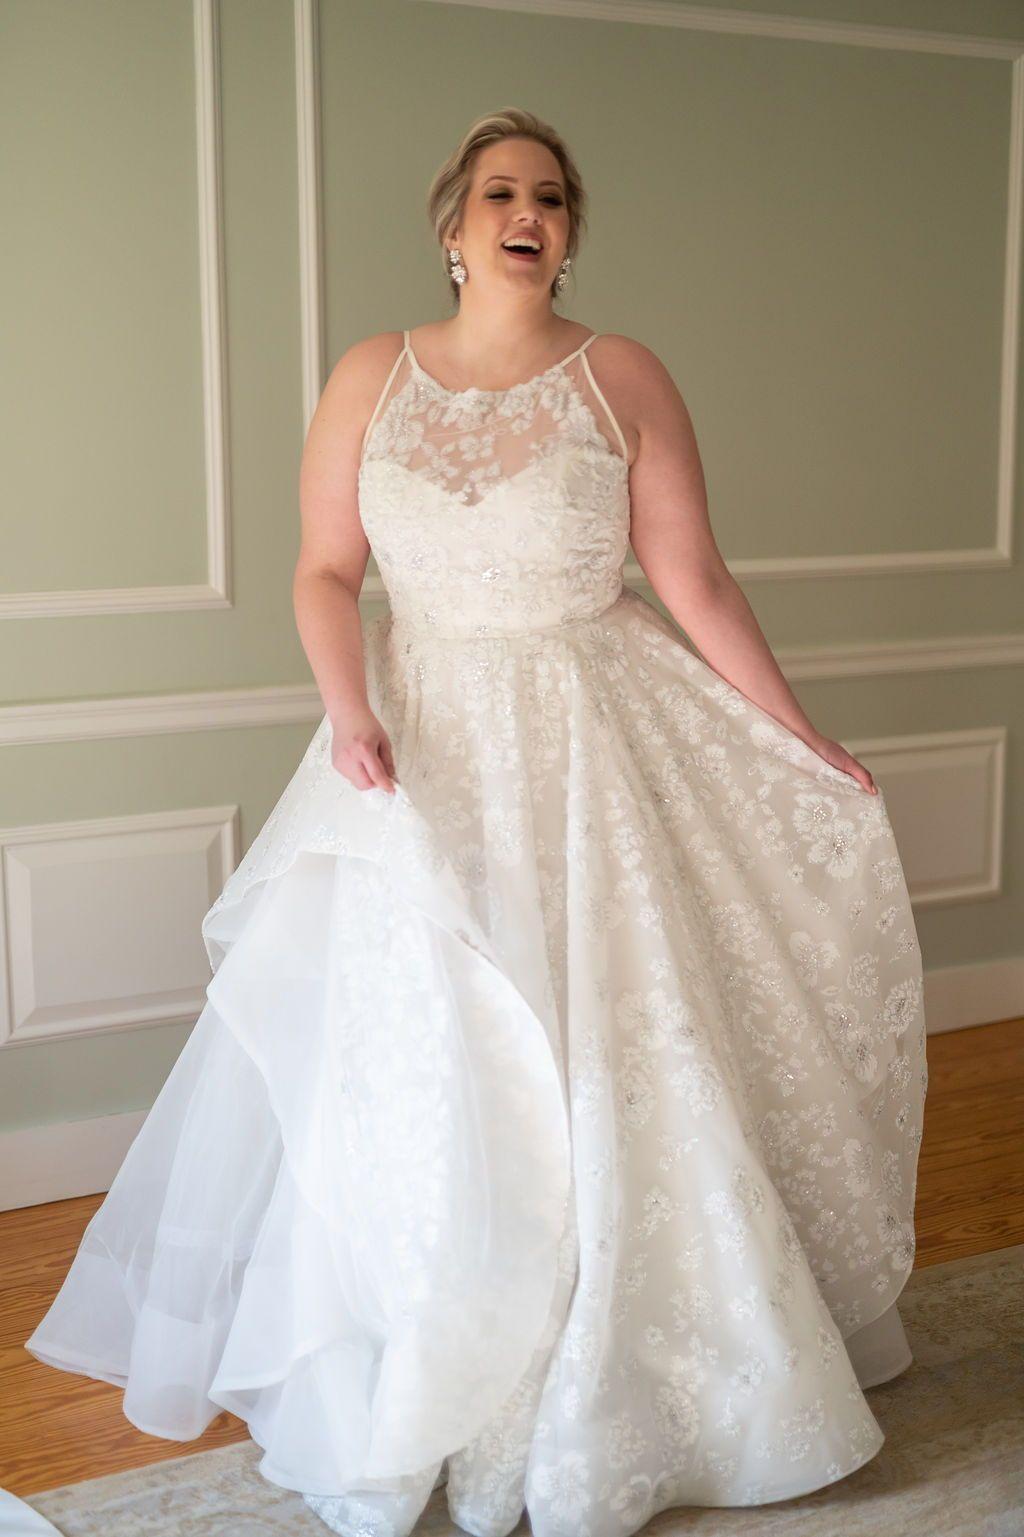 Hayley Paige Curvy Collection Reagan Wedding Dress Wedding Dresses Sparkle Wedding Dress Dresses [ 1537 x 1024 Pixel ]